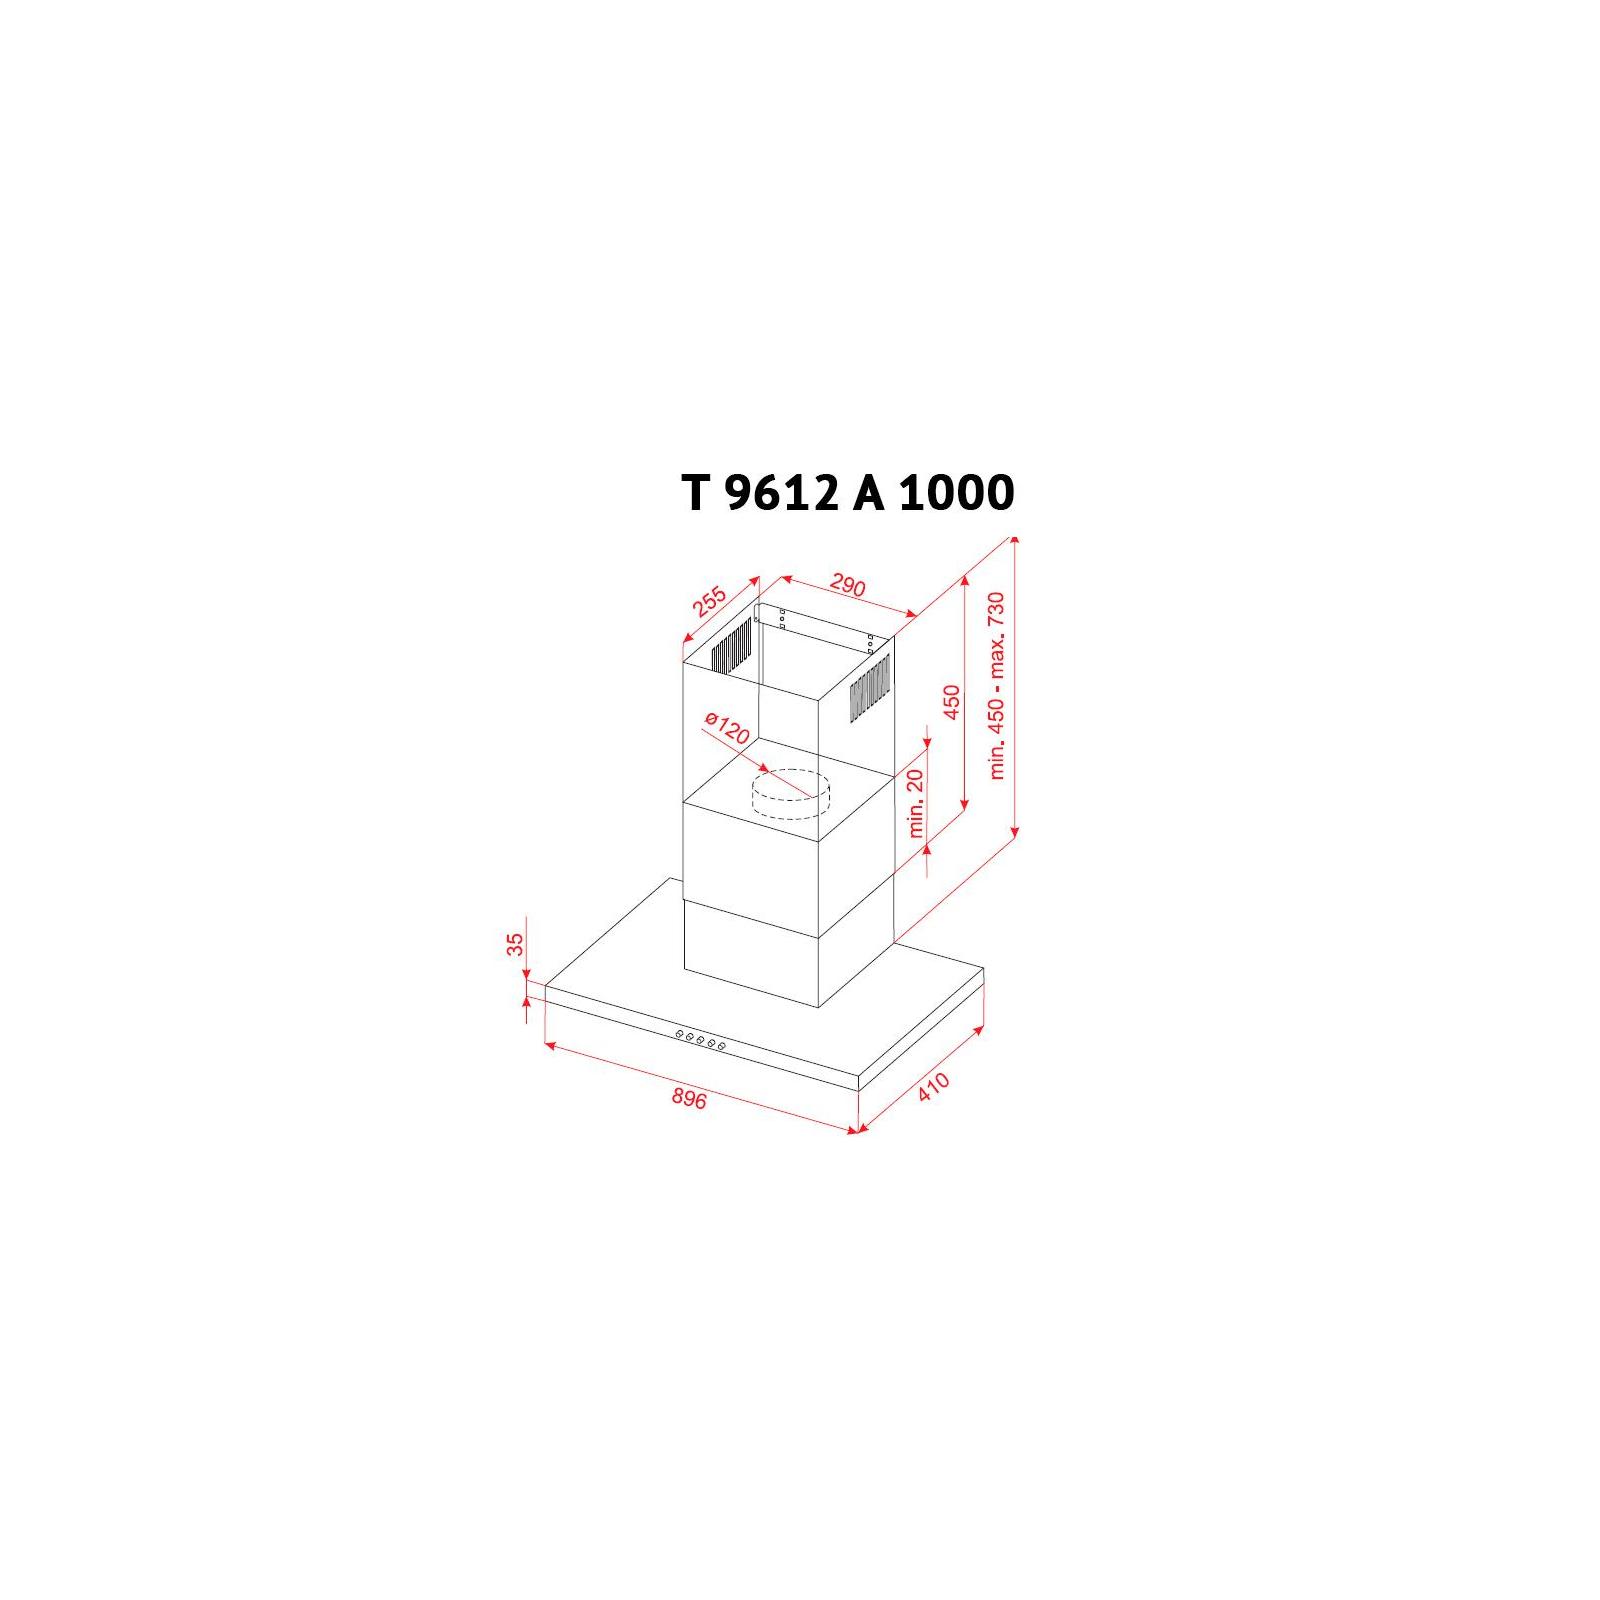 Вытяжка кухонная PERFELLI T 9612 A 1000 IV LED изображение 9